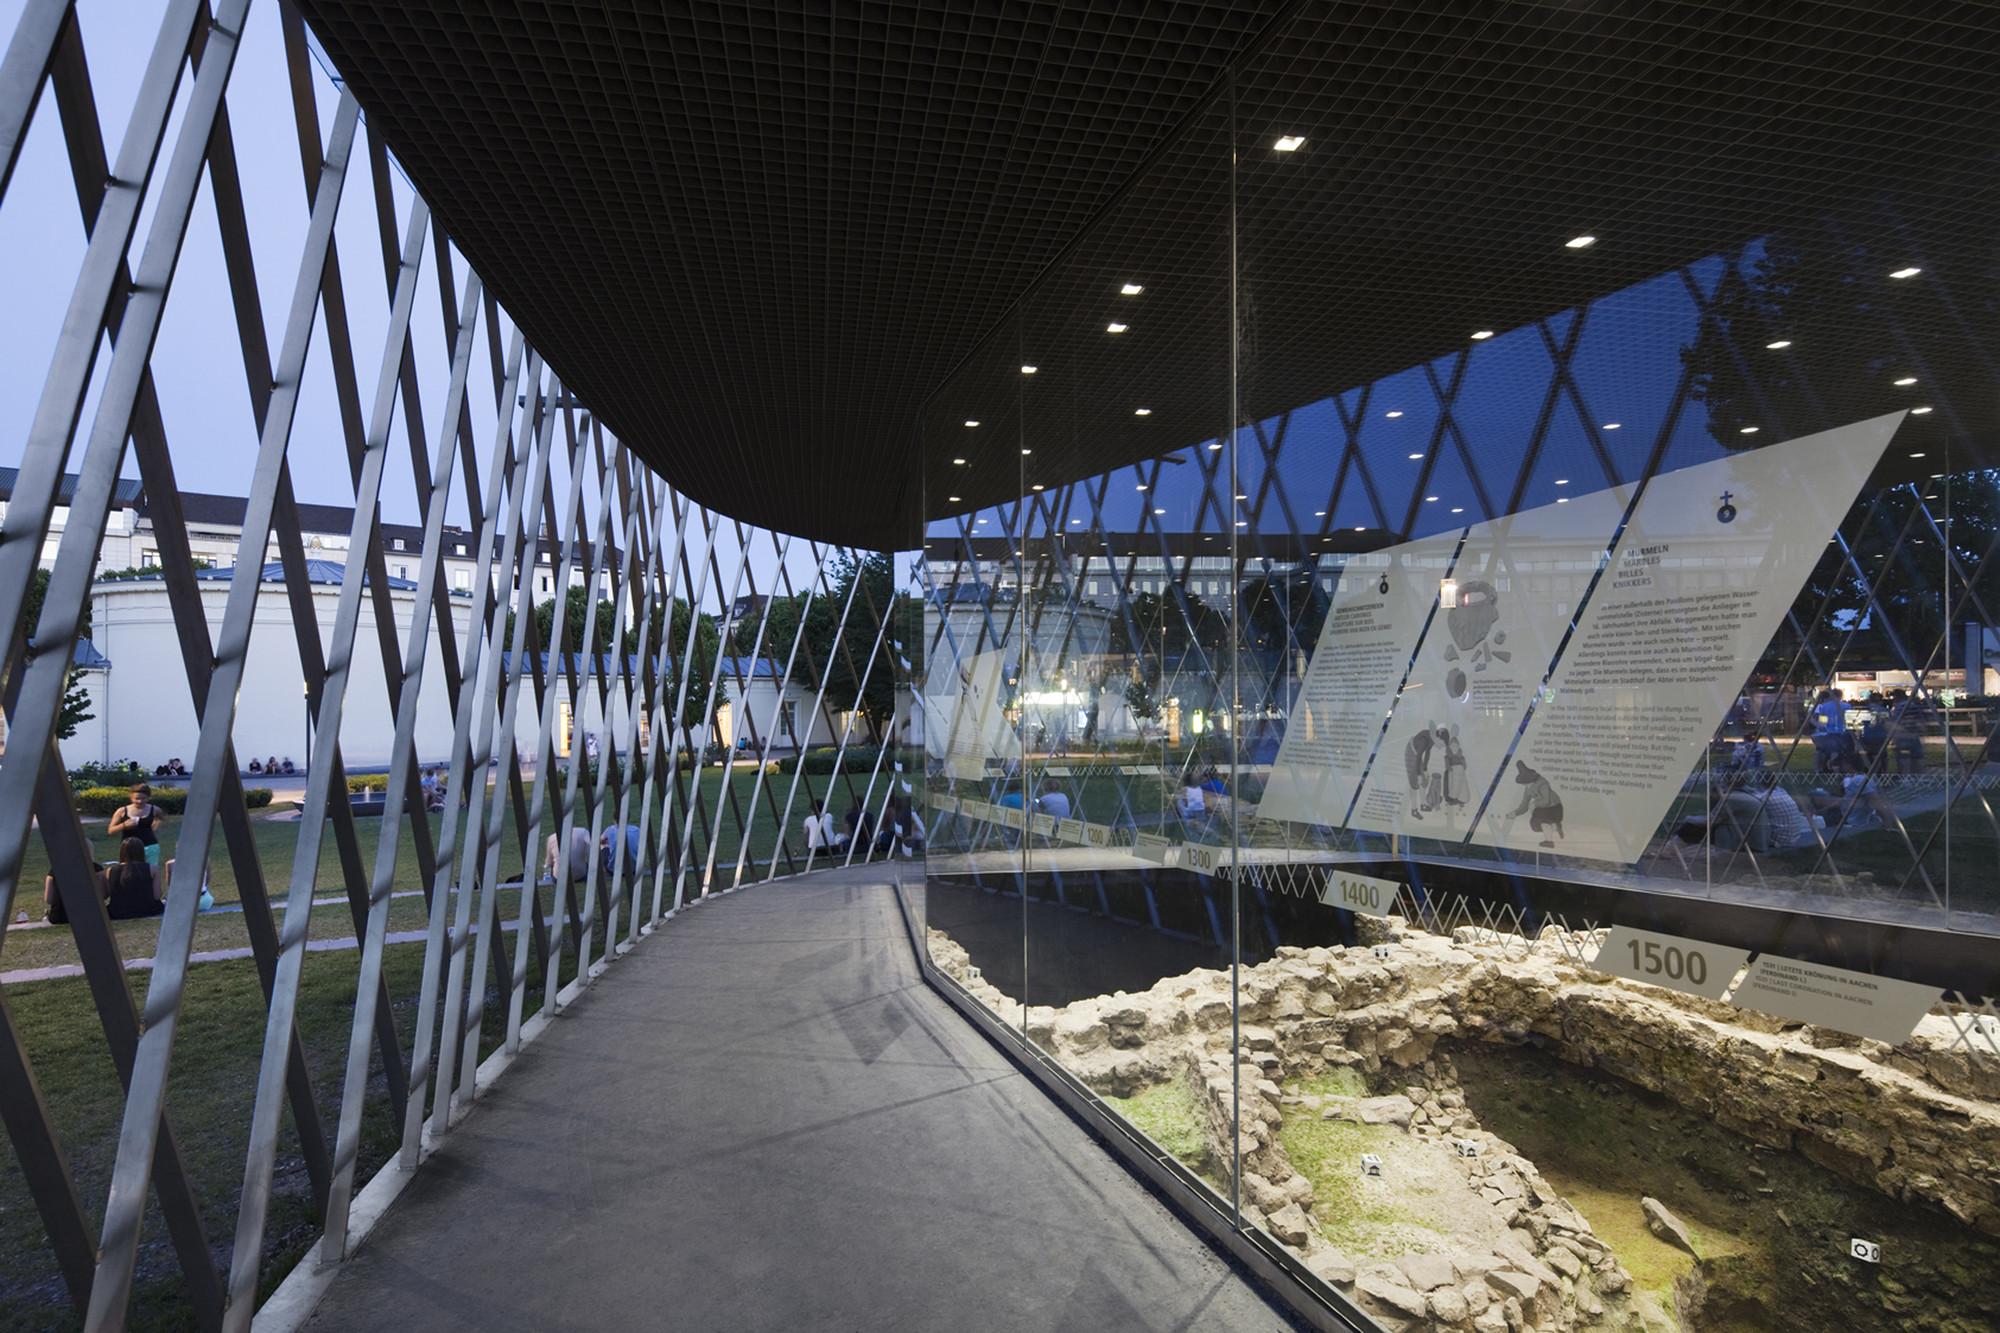 Archaeological Pavilion / kadawittfeldarchitektur, © Jens Kirchner